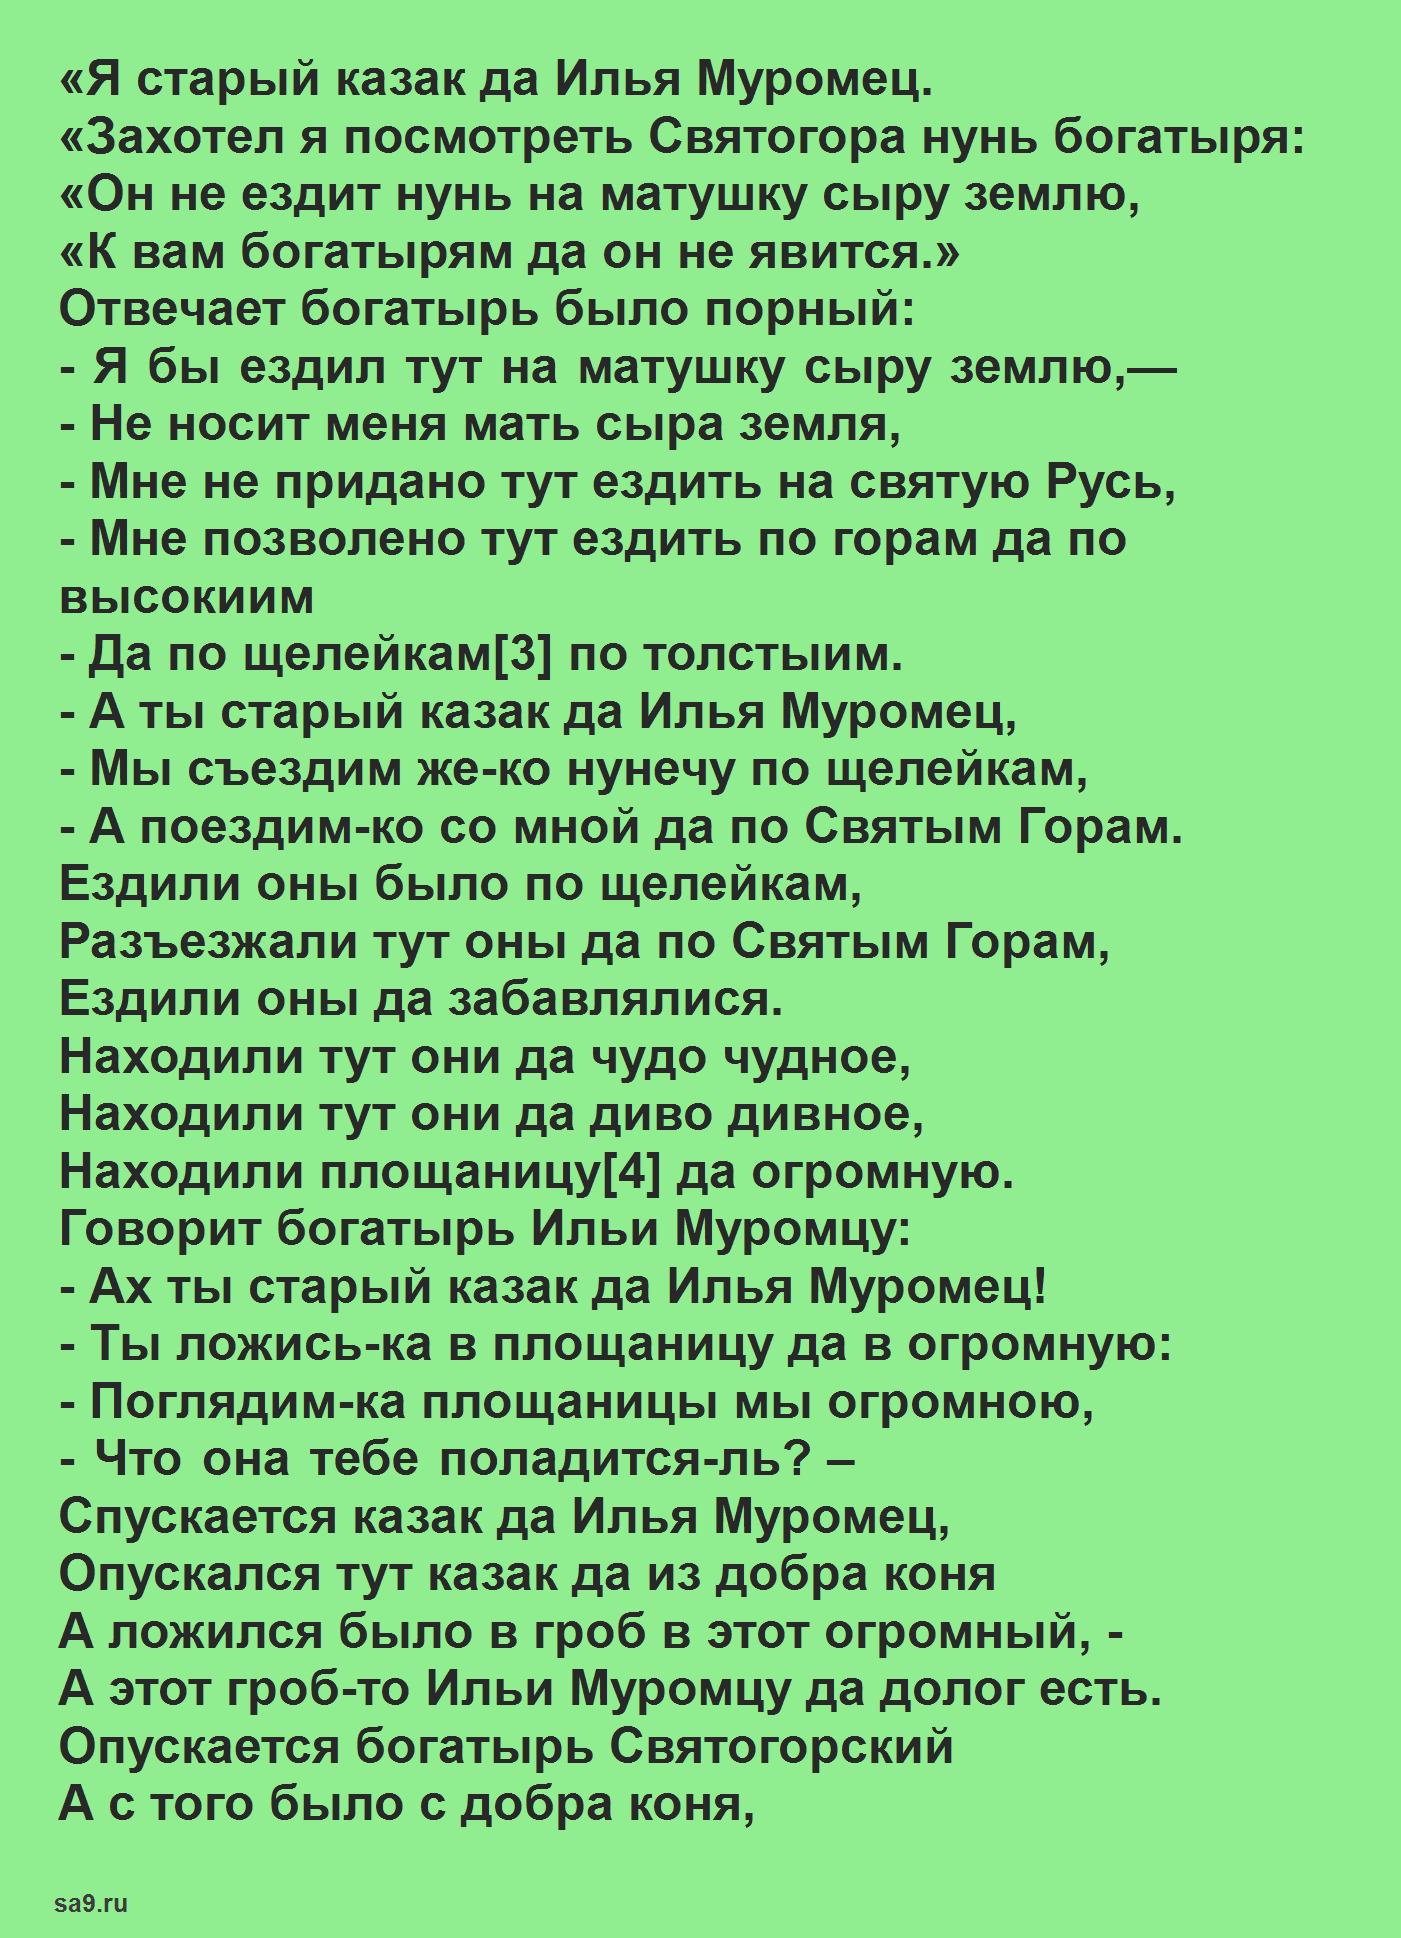 Читаем былину - Илья Муромец и Святогор